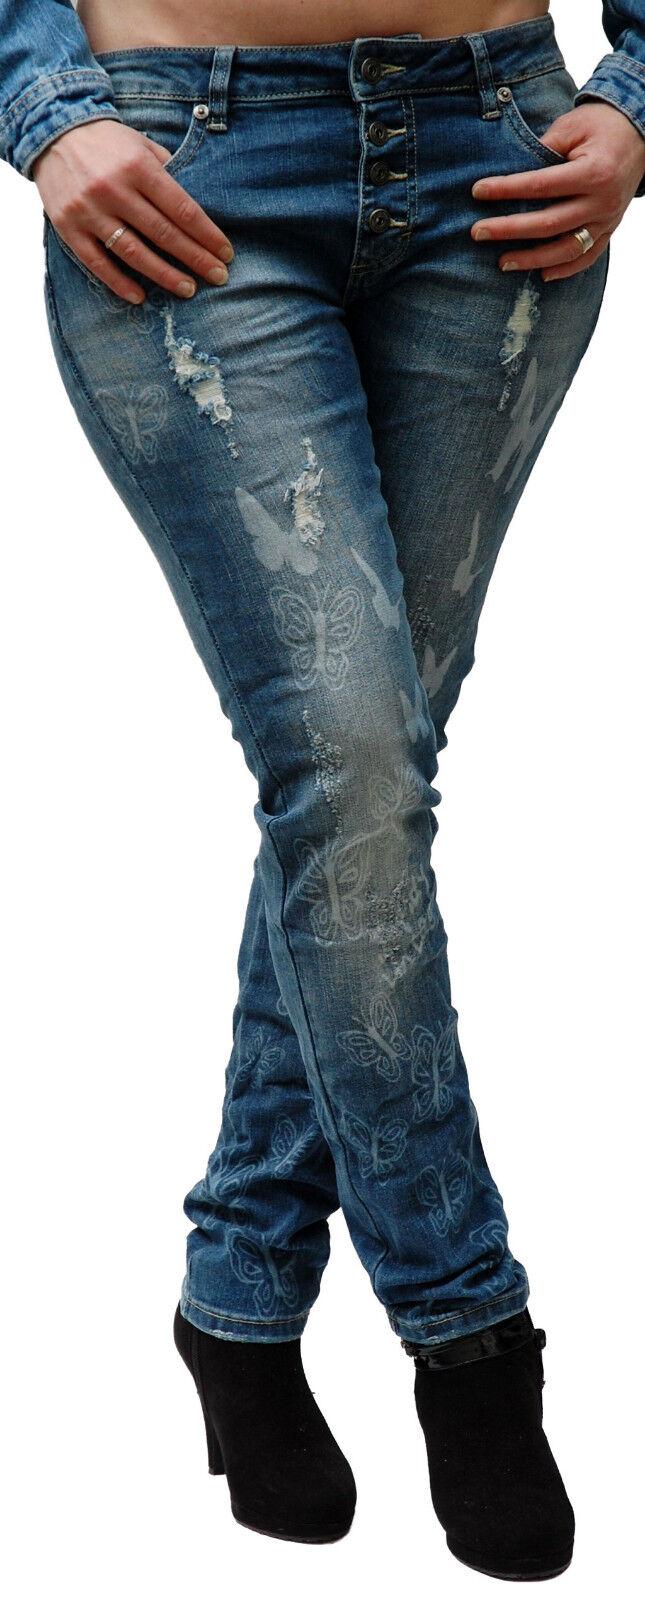 Blau Monkey Jeans, Damen, Alexis , BM-1266, BM-1266, BM-1266, Butterfly, 50%rotuziert | Genialität  | Die Qualität Und Die Verbraucher Zunächst  | Verschiedene  930f67